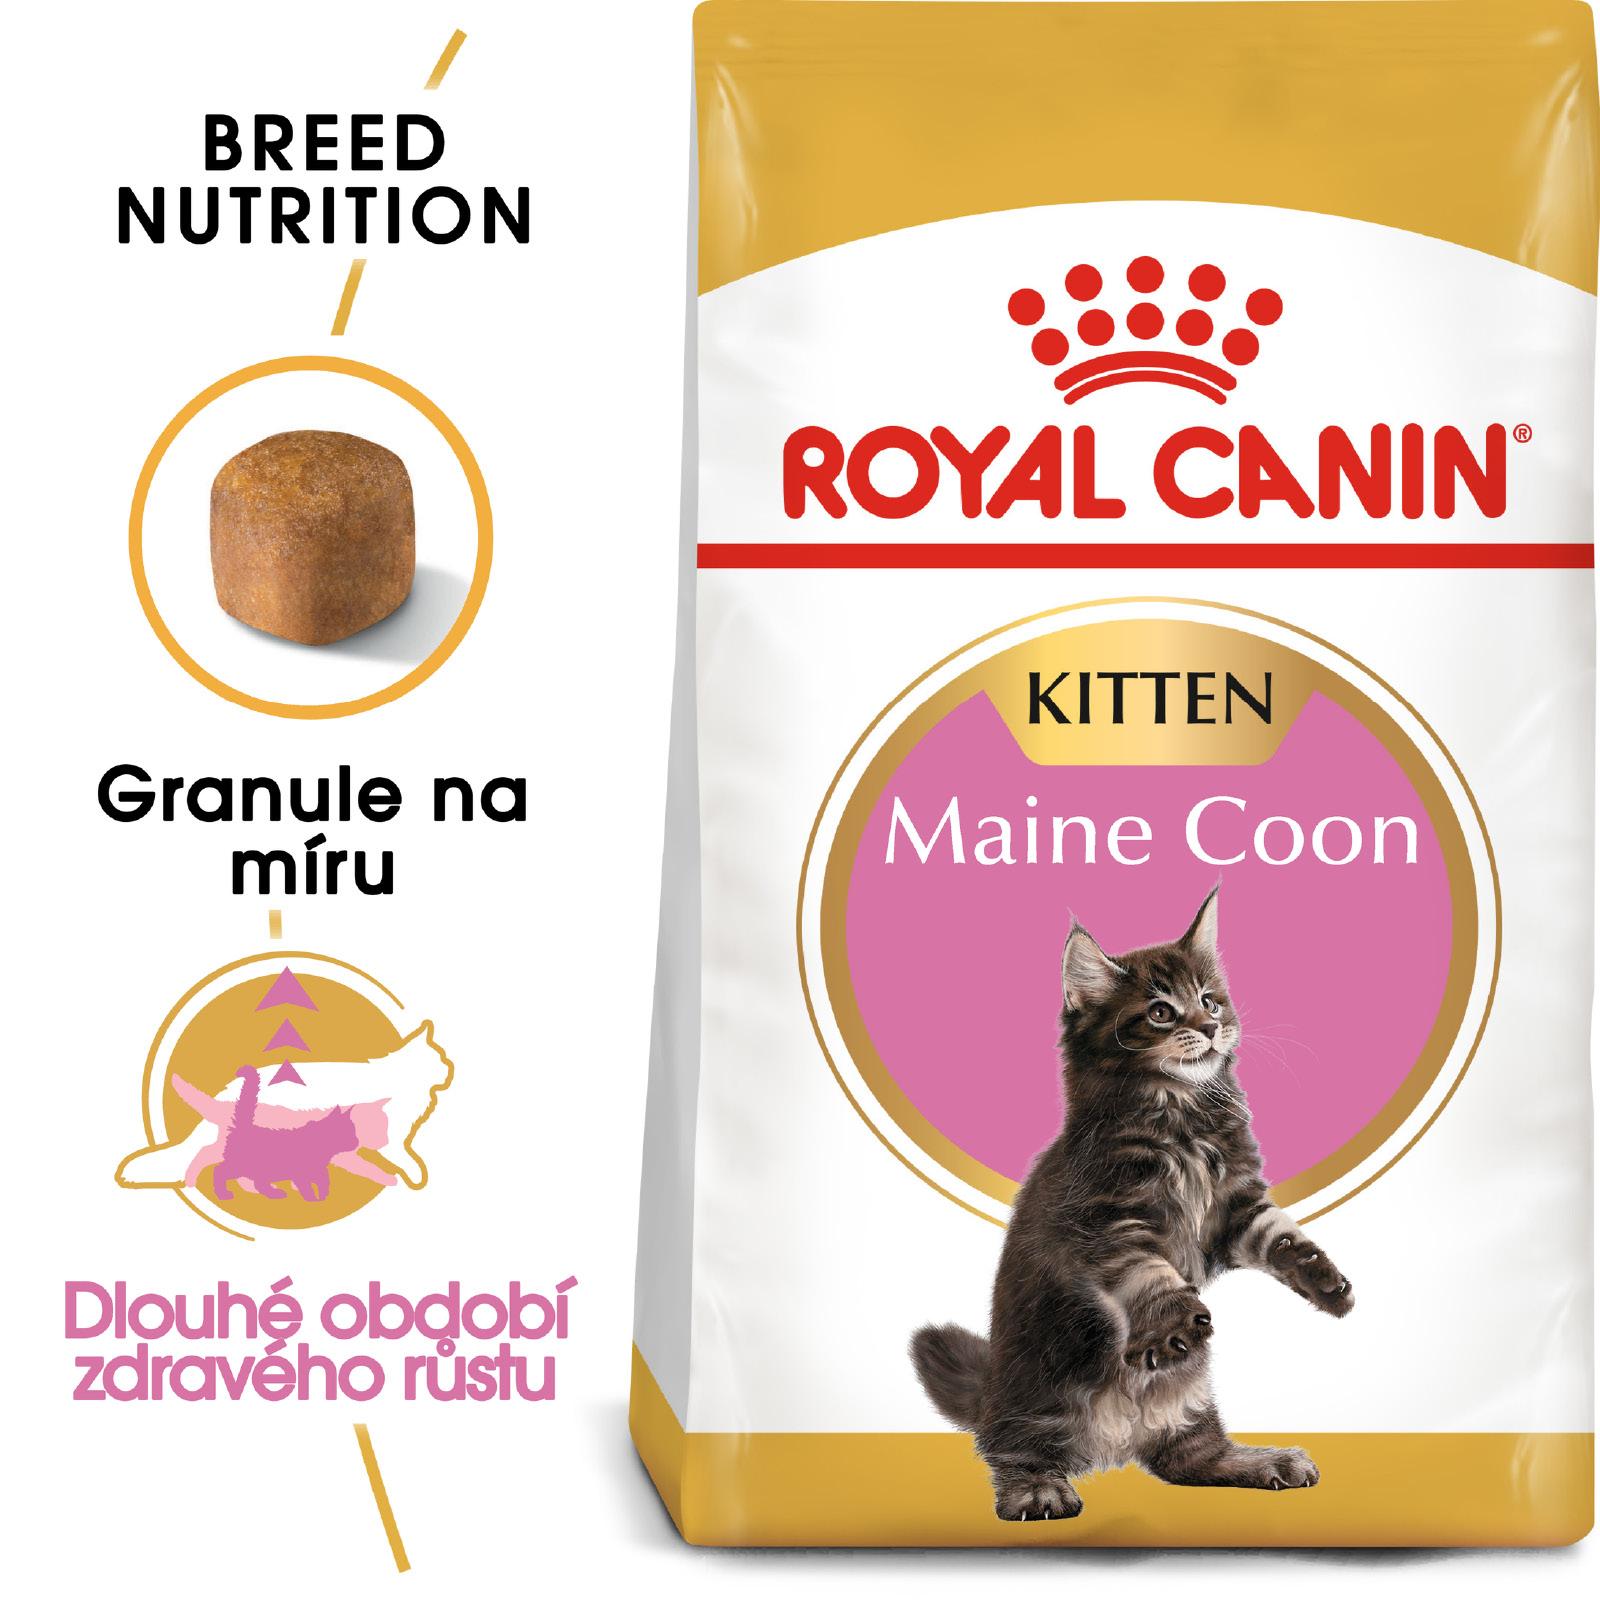 Royal Canin cat KITTEN MAIN COON -  granule pro mainská mývalí koťata - 400g